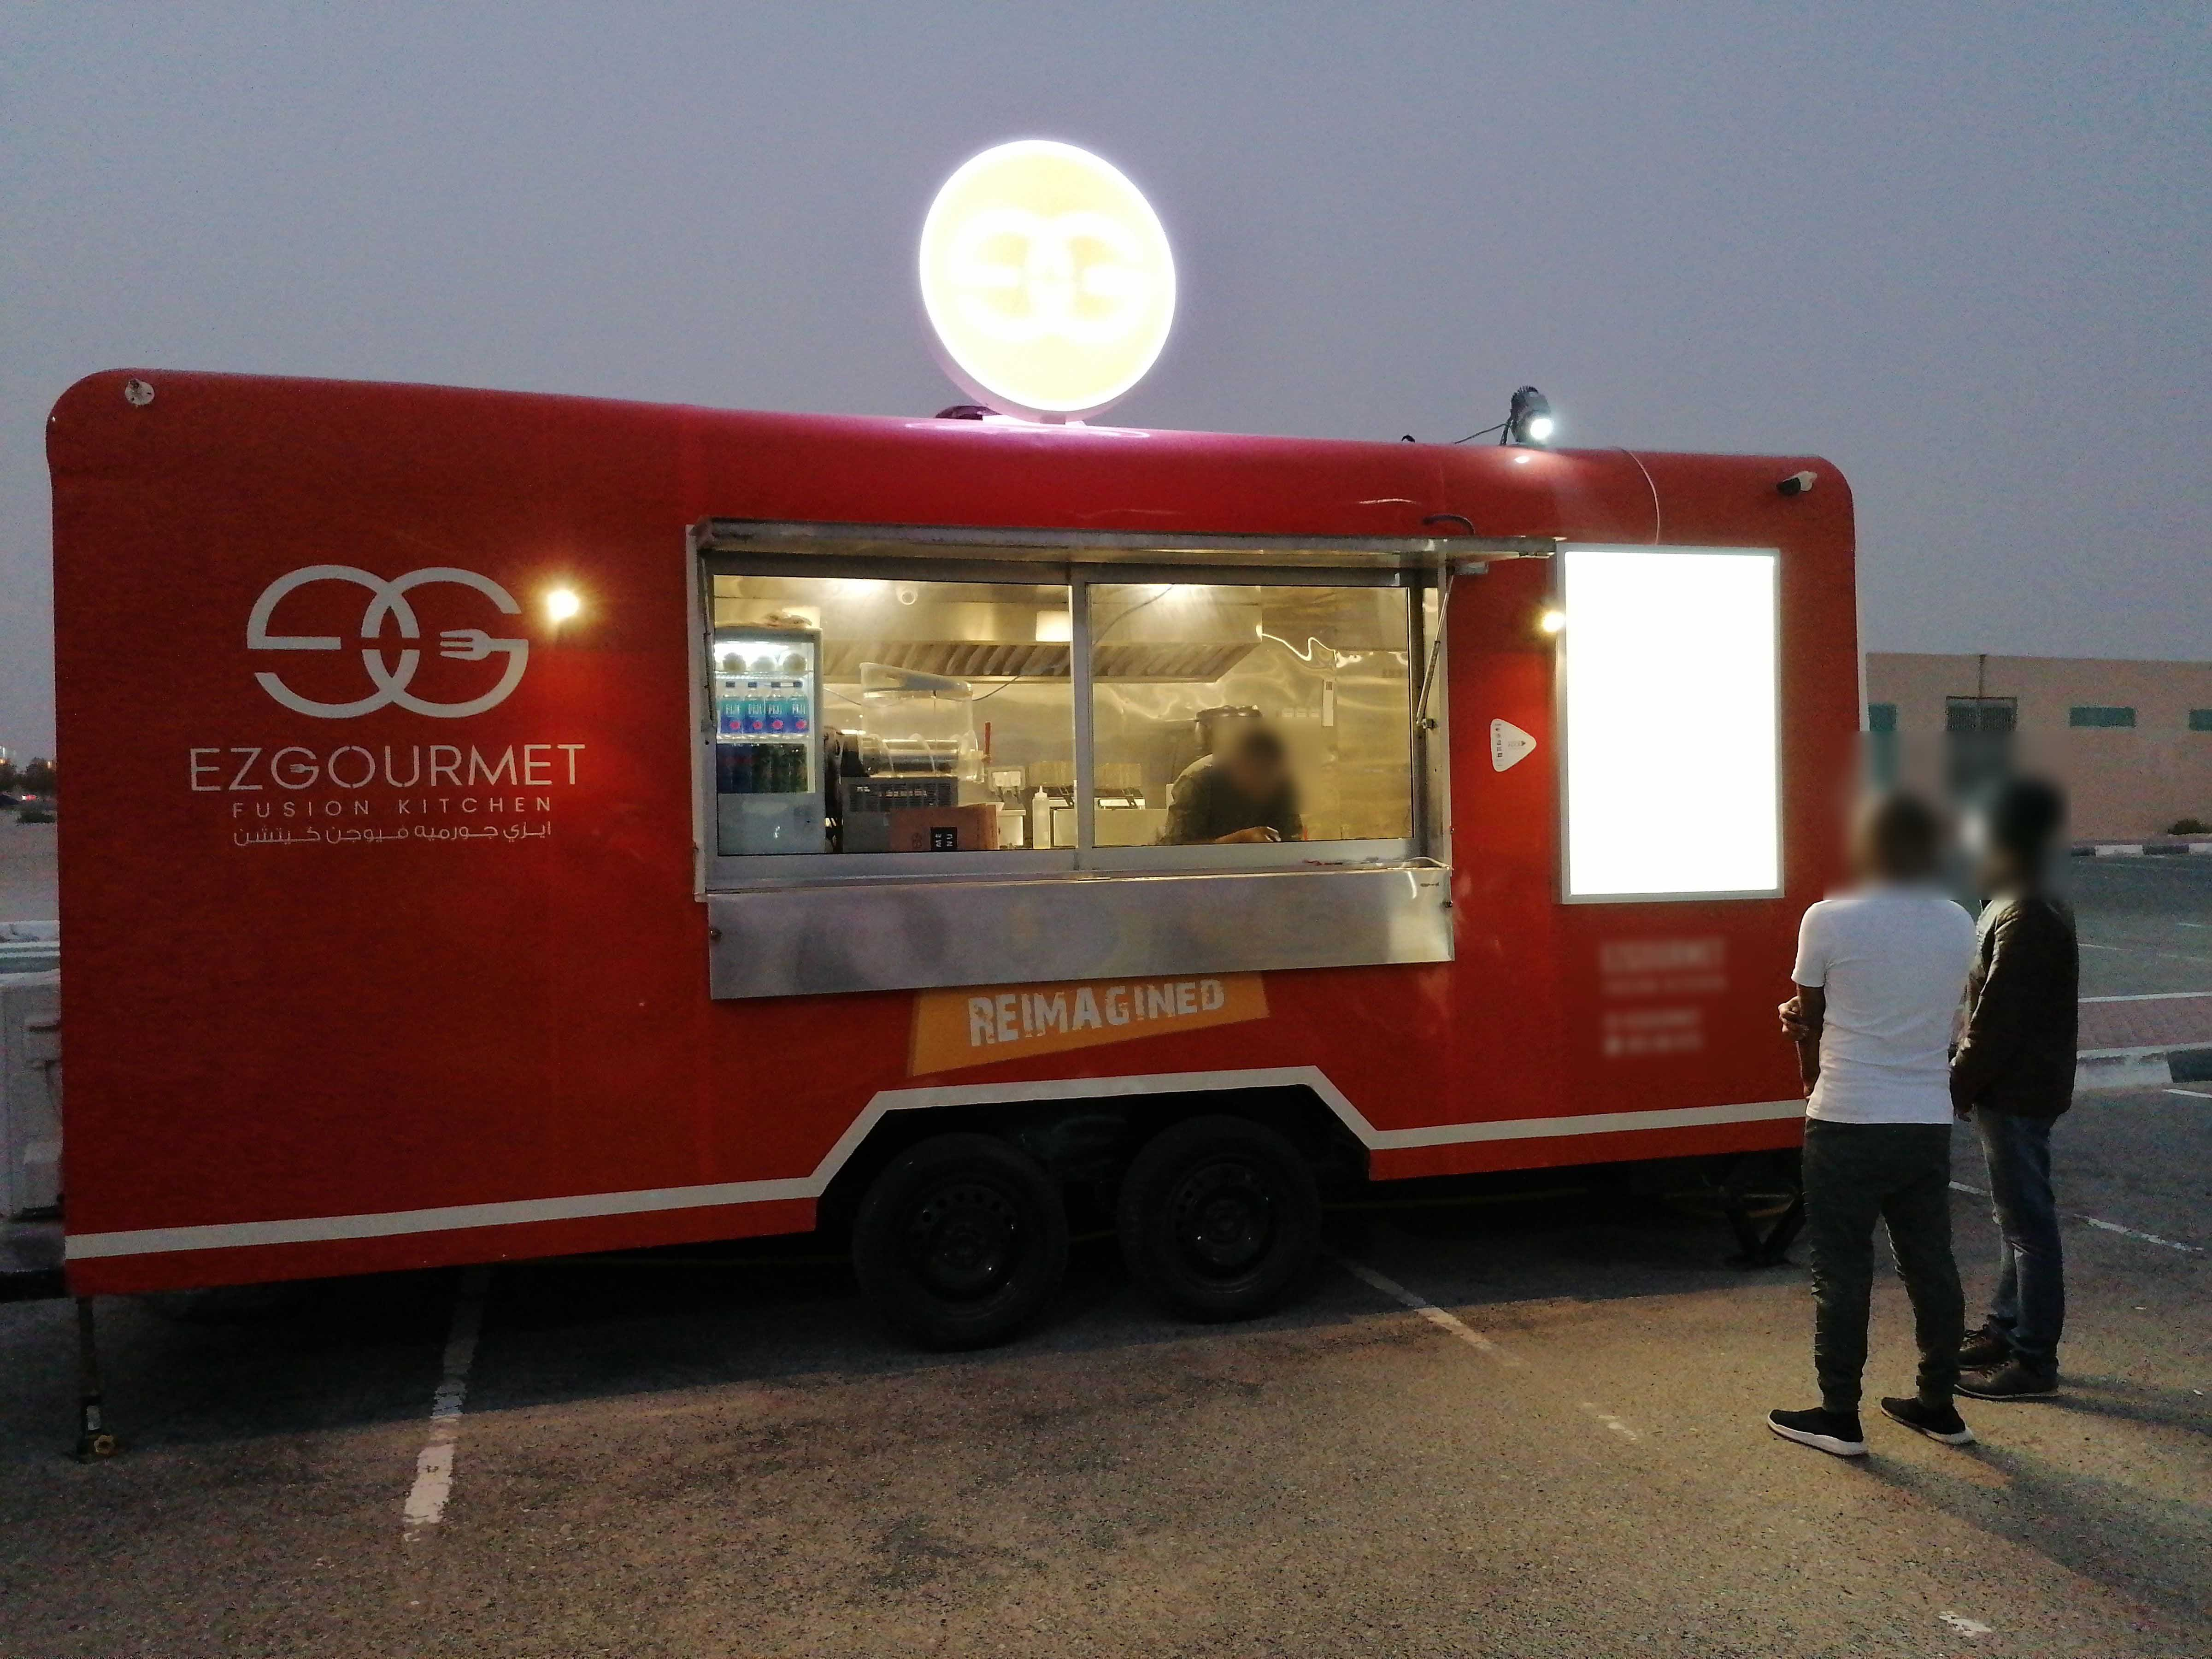 Ezgourmet Fusion Kitchen Al Shamkha Abu Dhabi Zomato